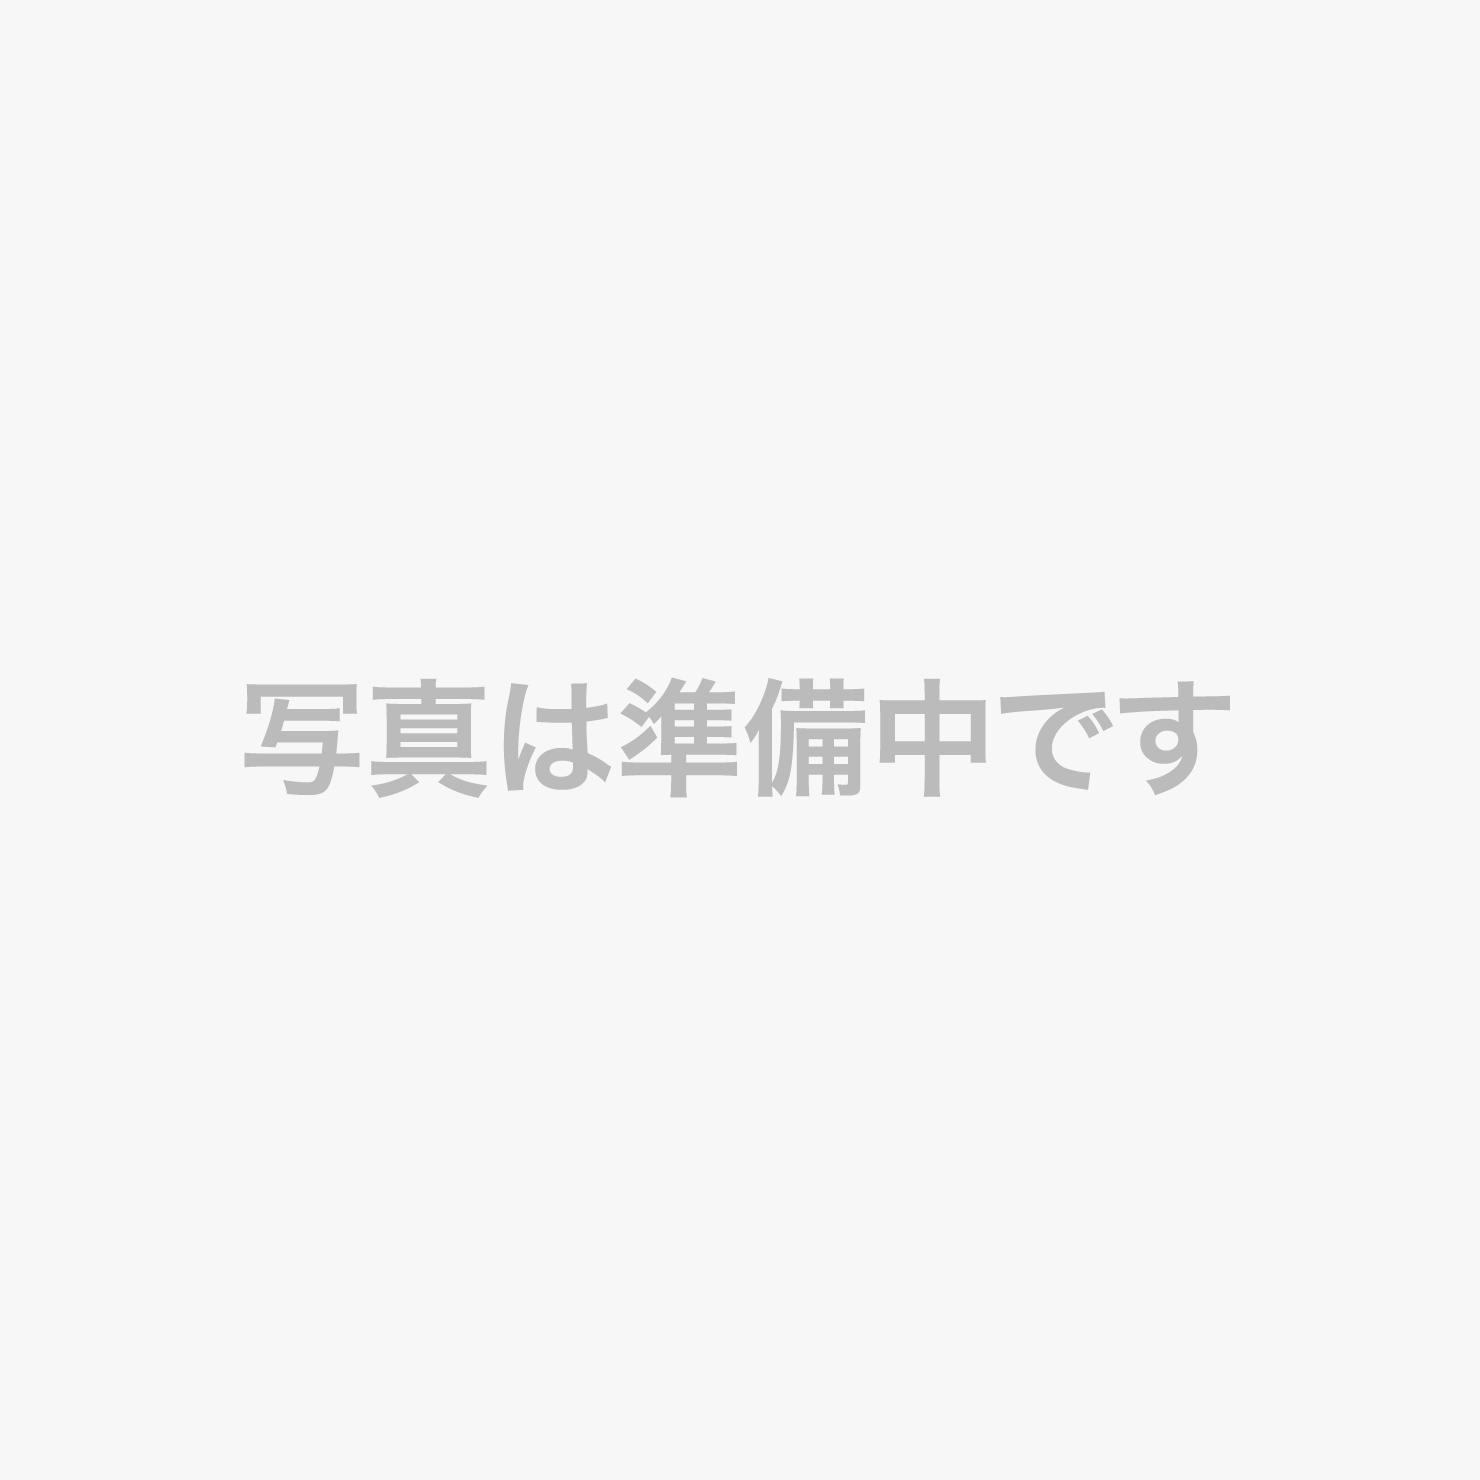 東横INN大阪鶴橋駅前